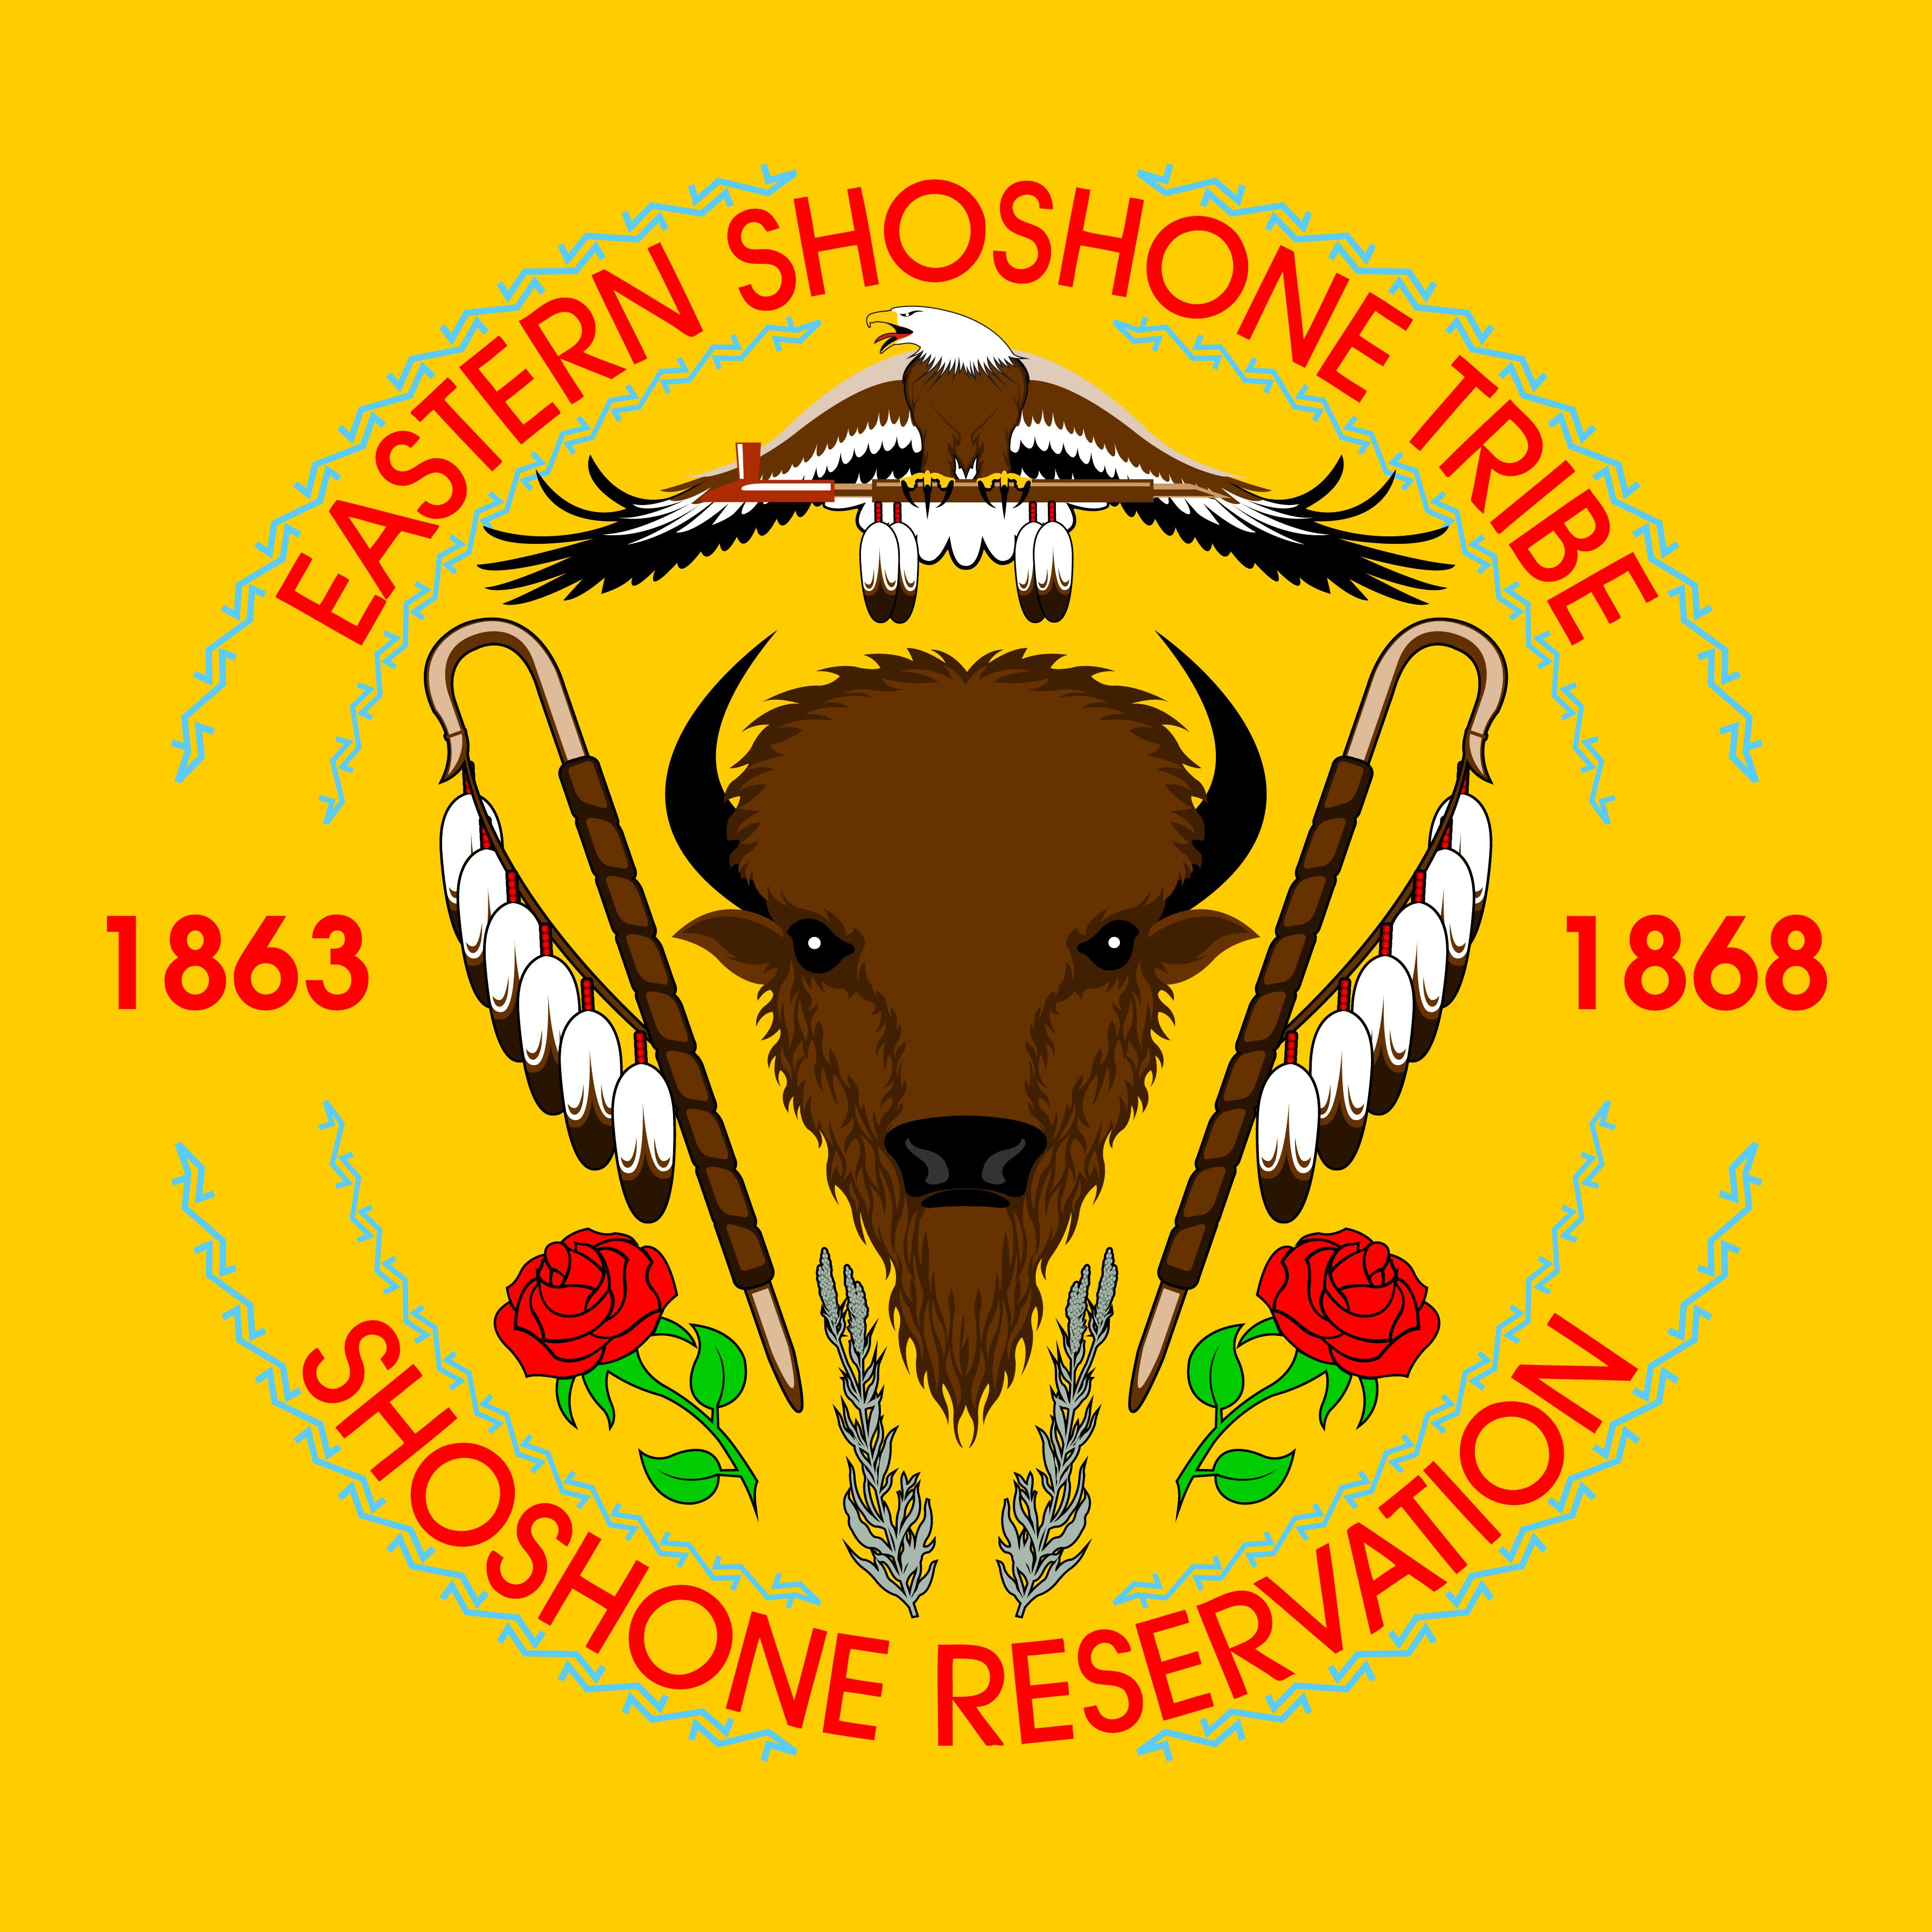 Eastern shoshone flag